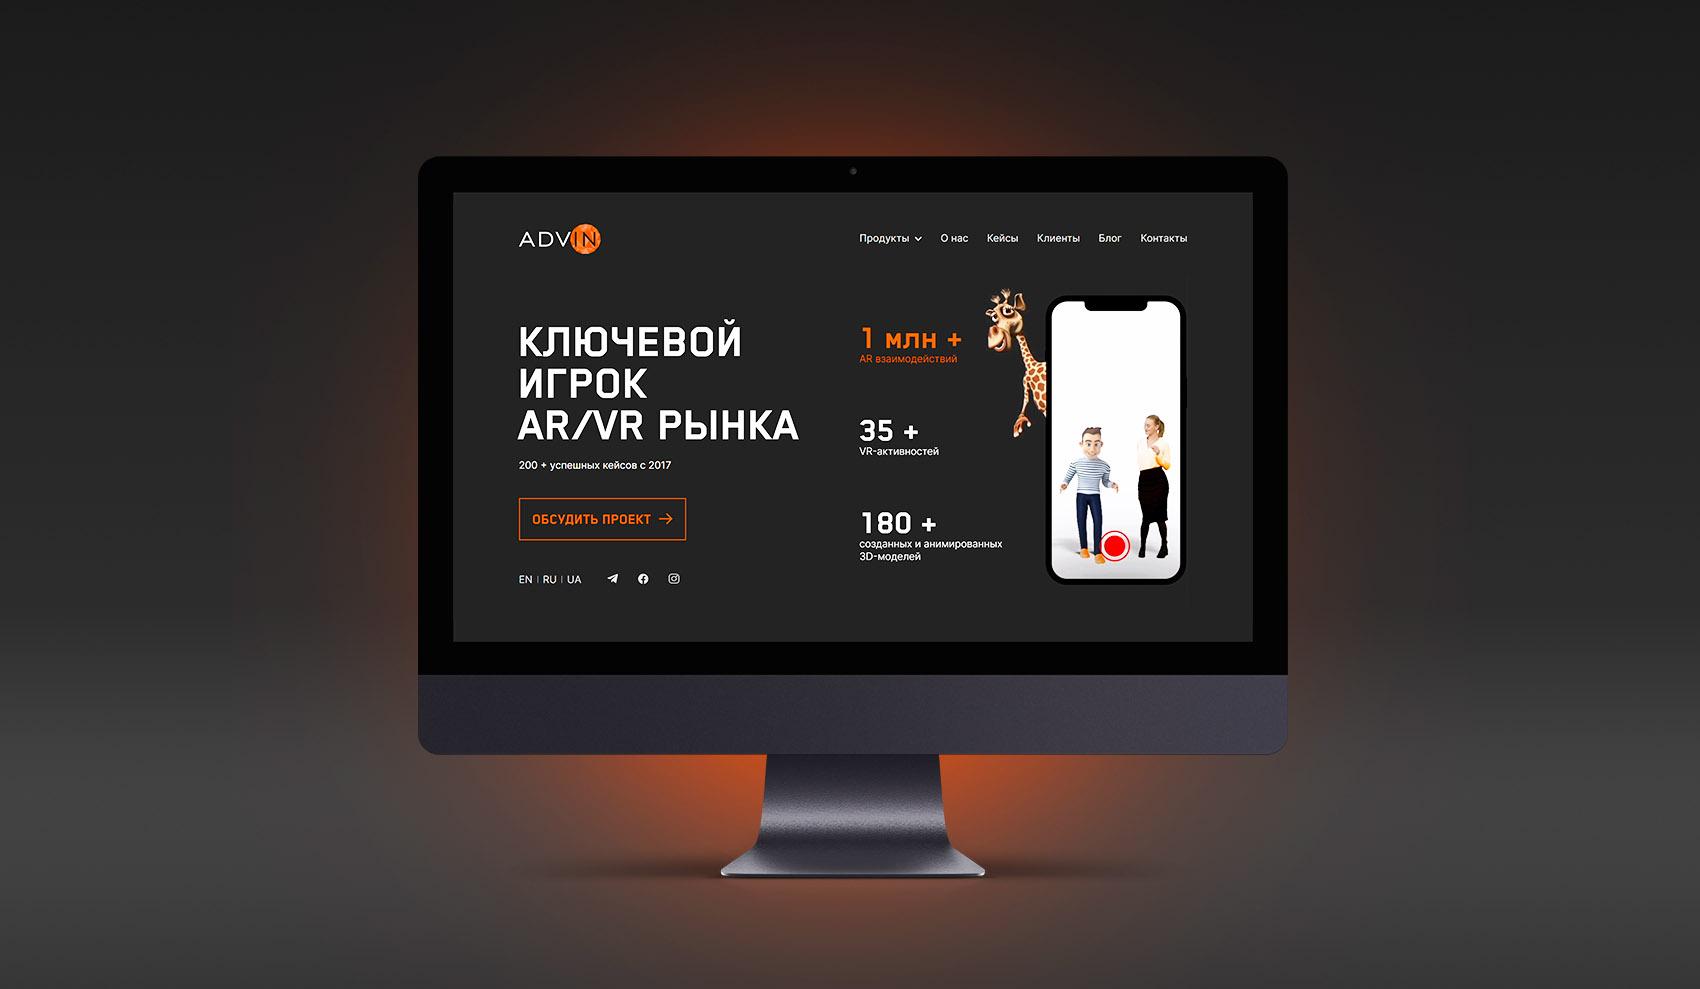 ADVIN Ukraine